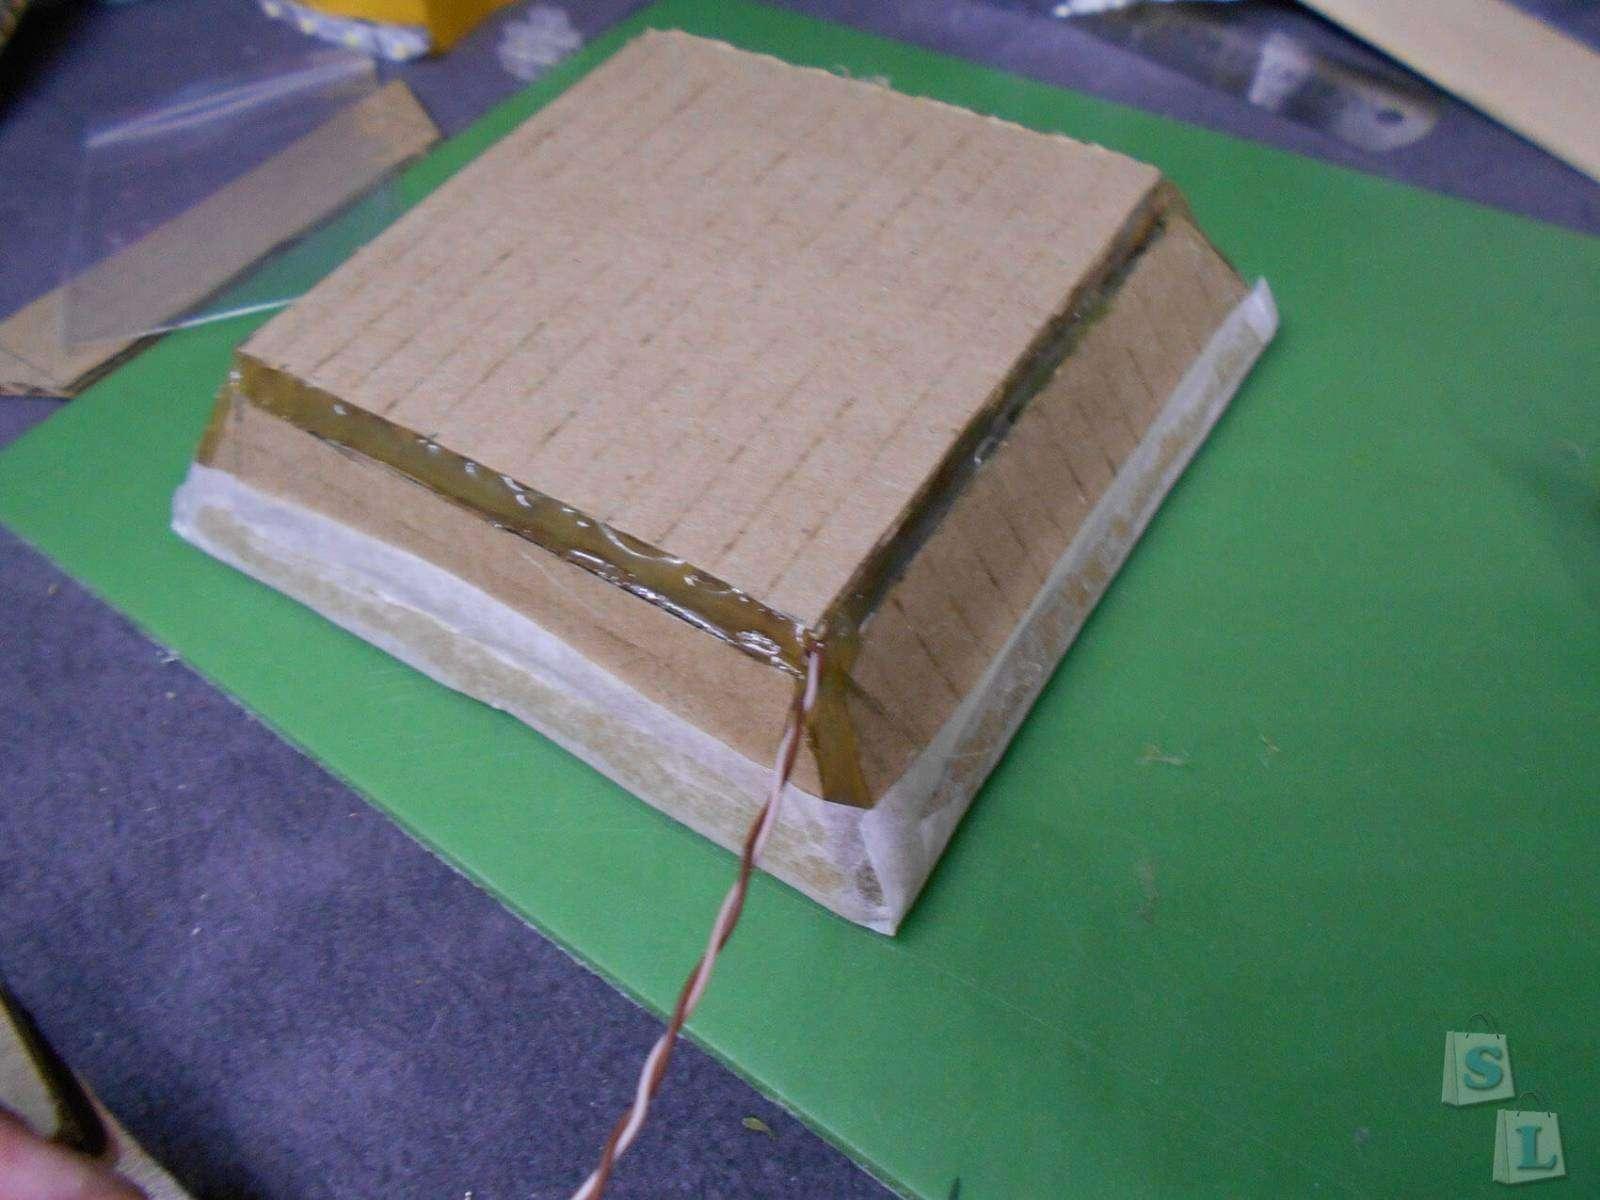 Aliexpress: Простая светодиодная лента и простенький софт бокс из неё.